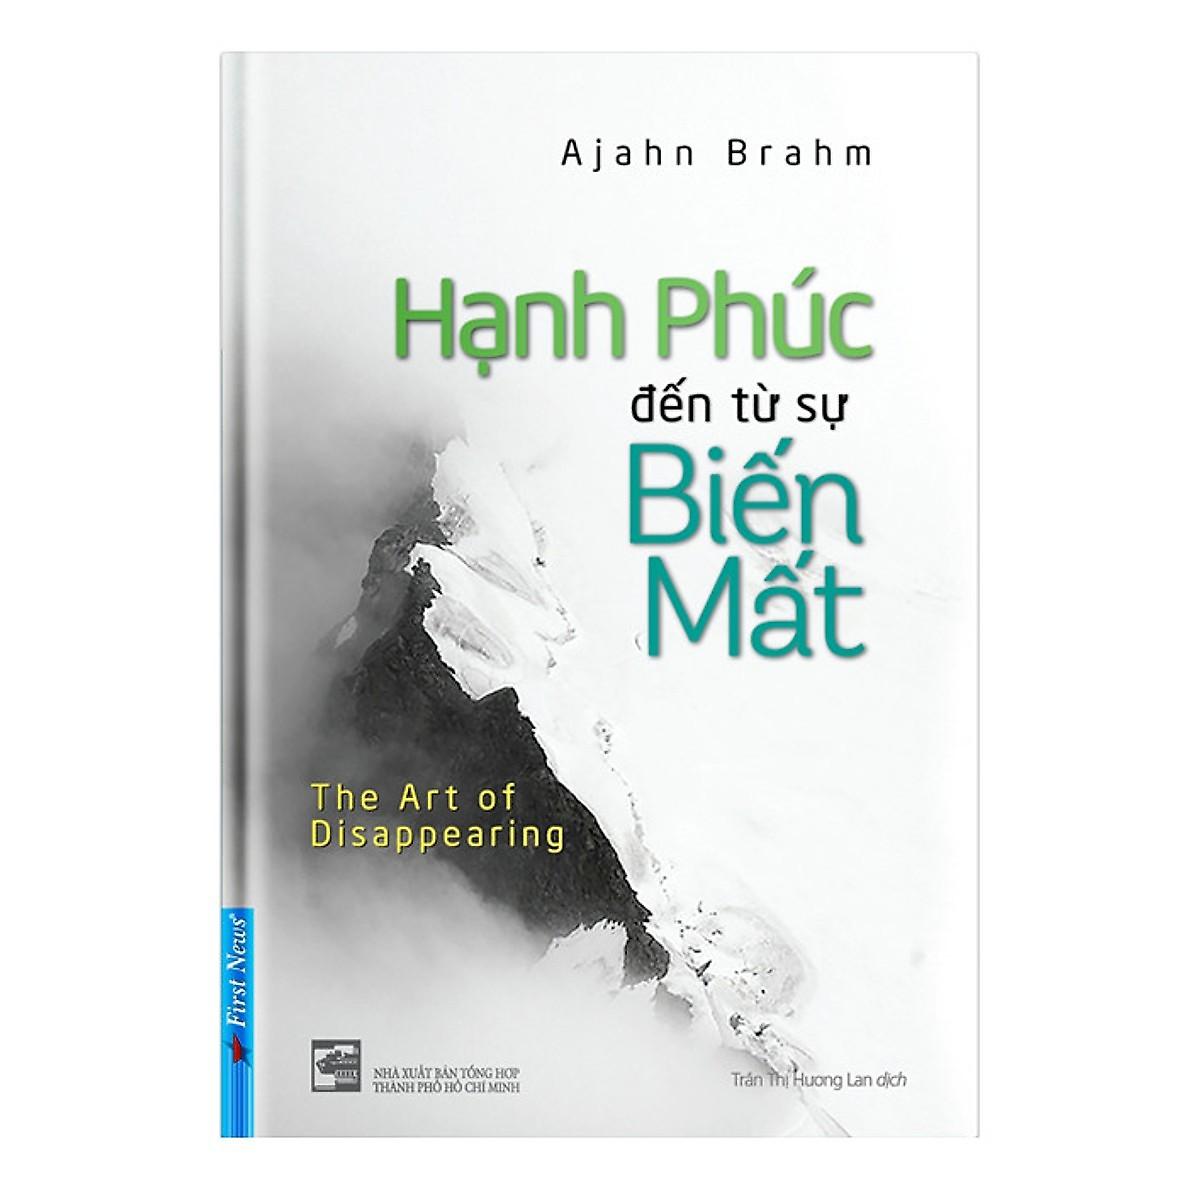 Combo 4 Cuốn Sách Của Thiền Sư Ajahn Brahm: Tâm Từ + Buông Bỏ Buồn Buông + Mở Cửa Trái Tim + Hạnh Phúc Đến Từ Sự Biến Mất (Tái Bản)